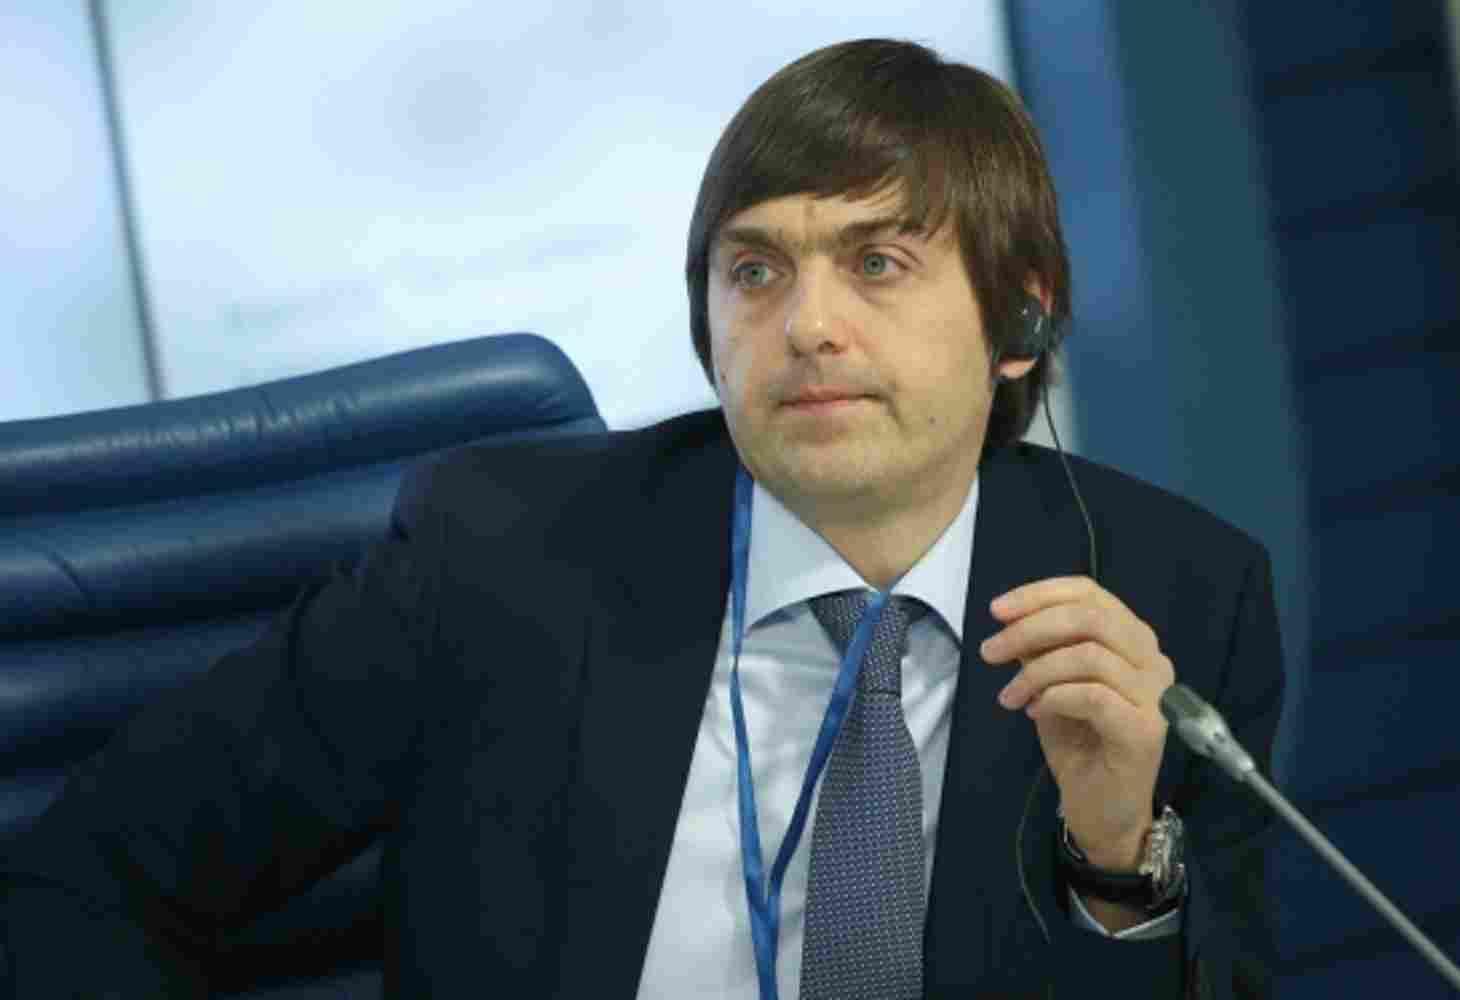 В 2018 году Рособрнадзор проведет проверку директоров школ – Кравцов